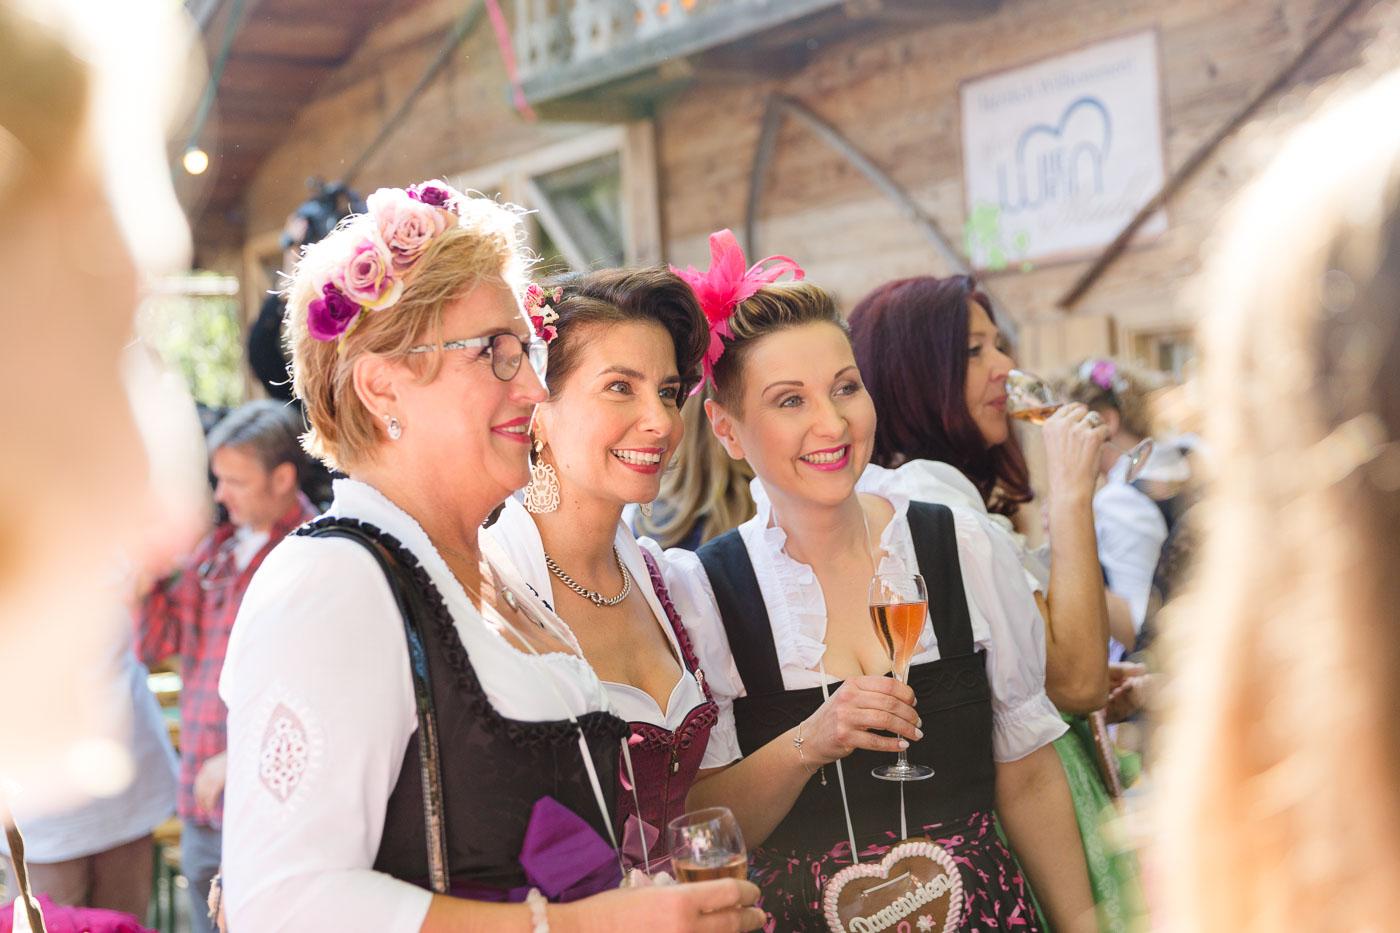 Bogumilla Österreicher, Sonja Kato, Claudia's Cancer Challenge